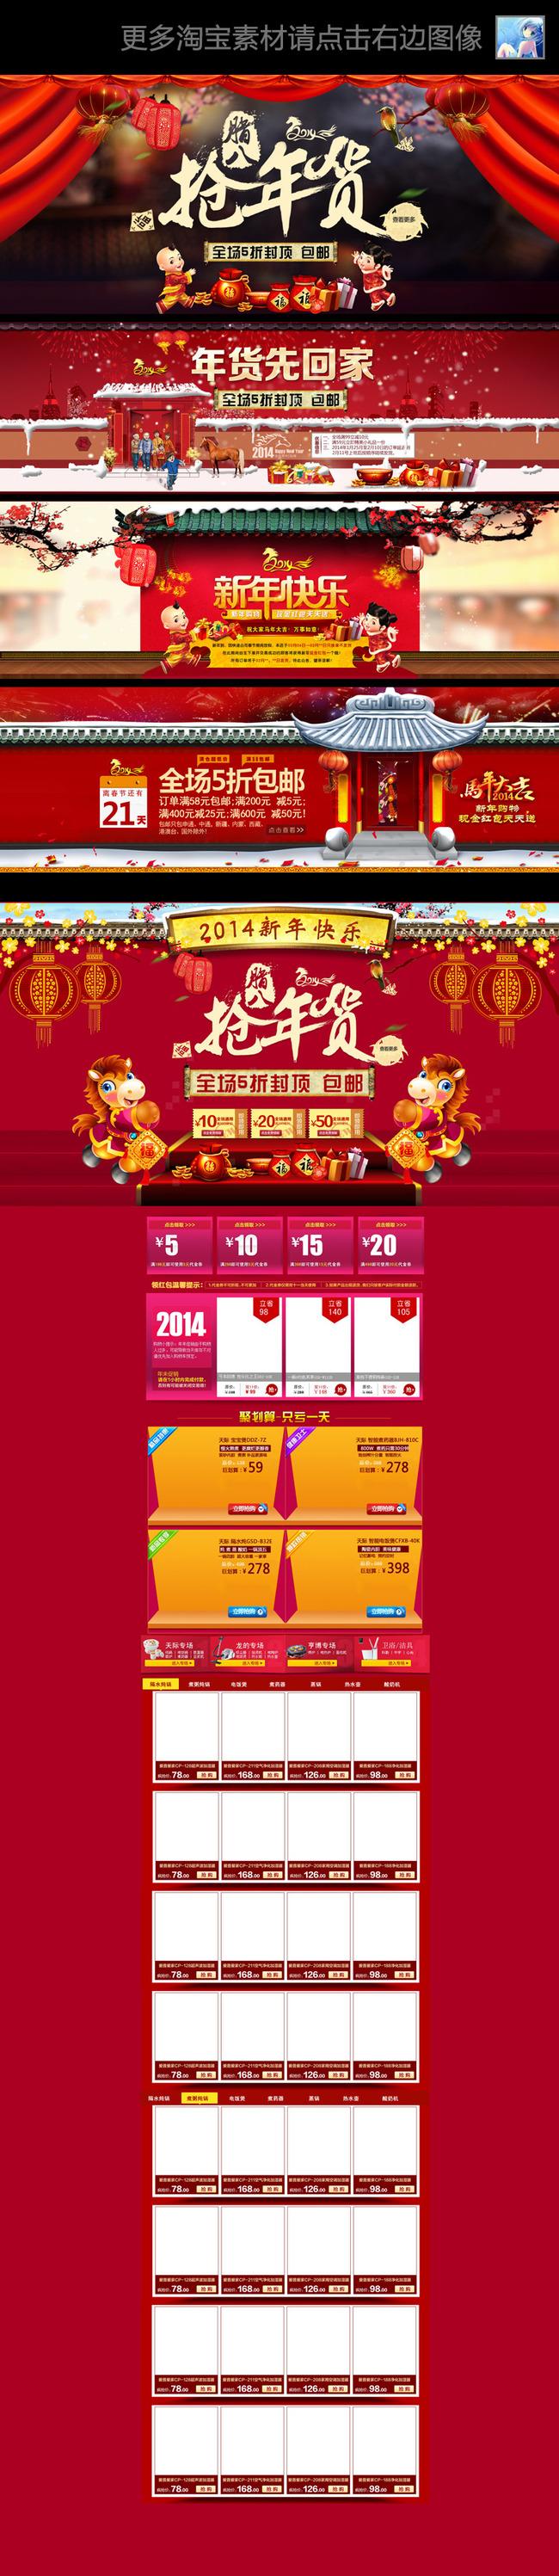 【psd】腊八抢年货淘宝天猫春节首页促销页面设计